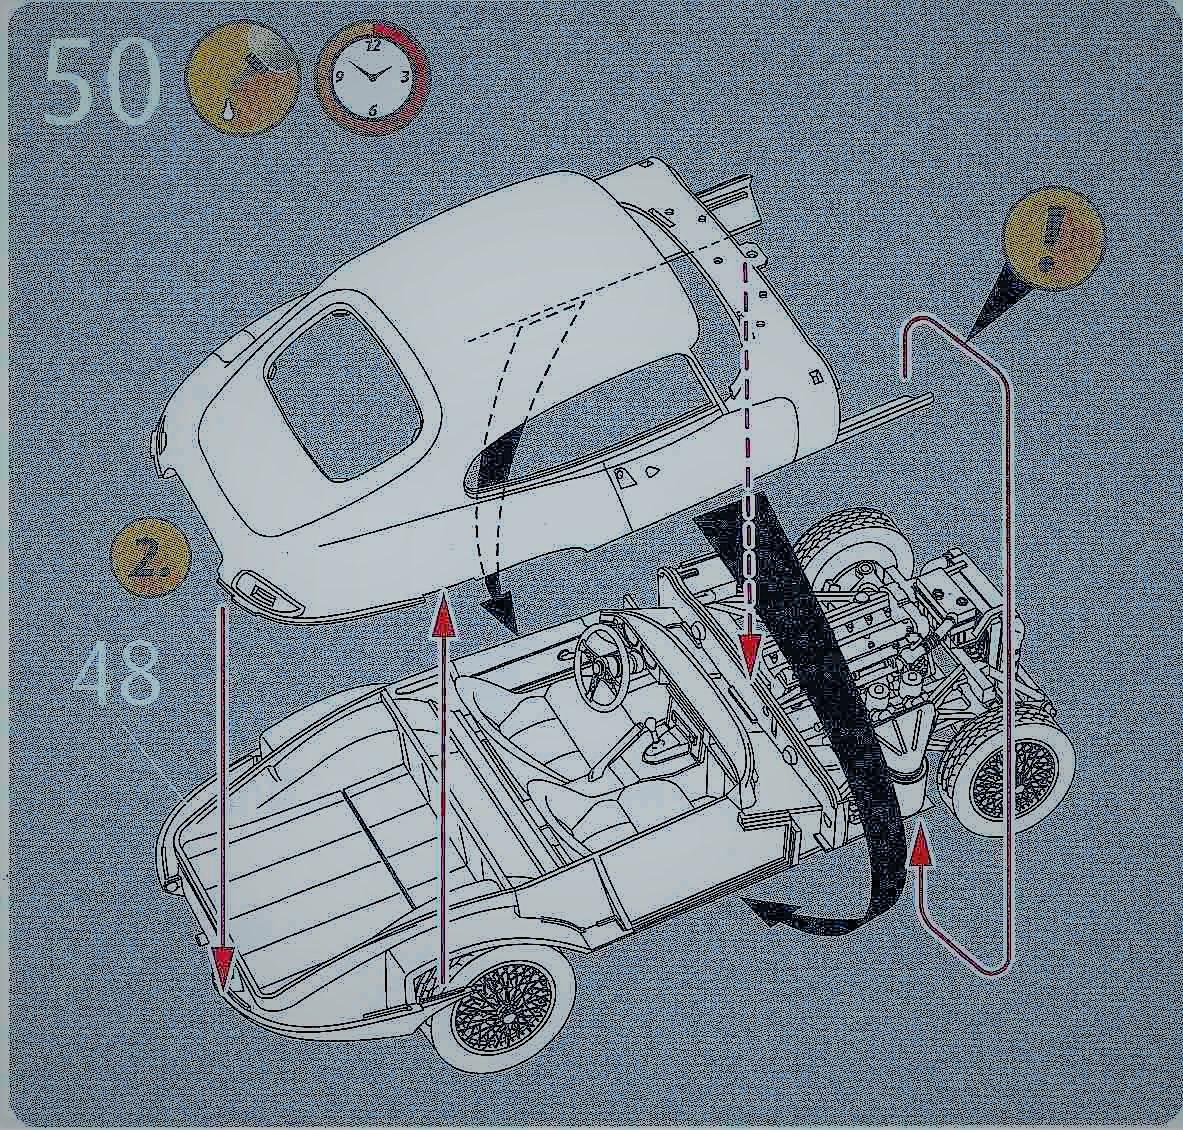 Revell-07668-Jaguar-E-Type-Body-auf-Chassis Jaguar E-Type in 1:24 von Revell # 07668